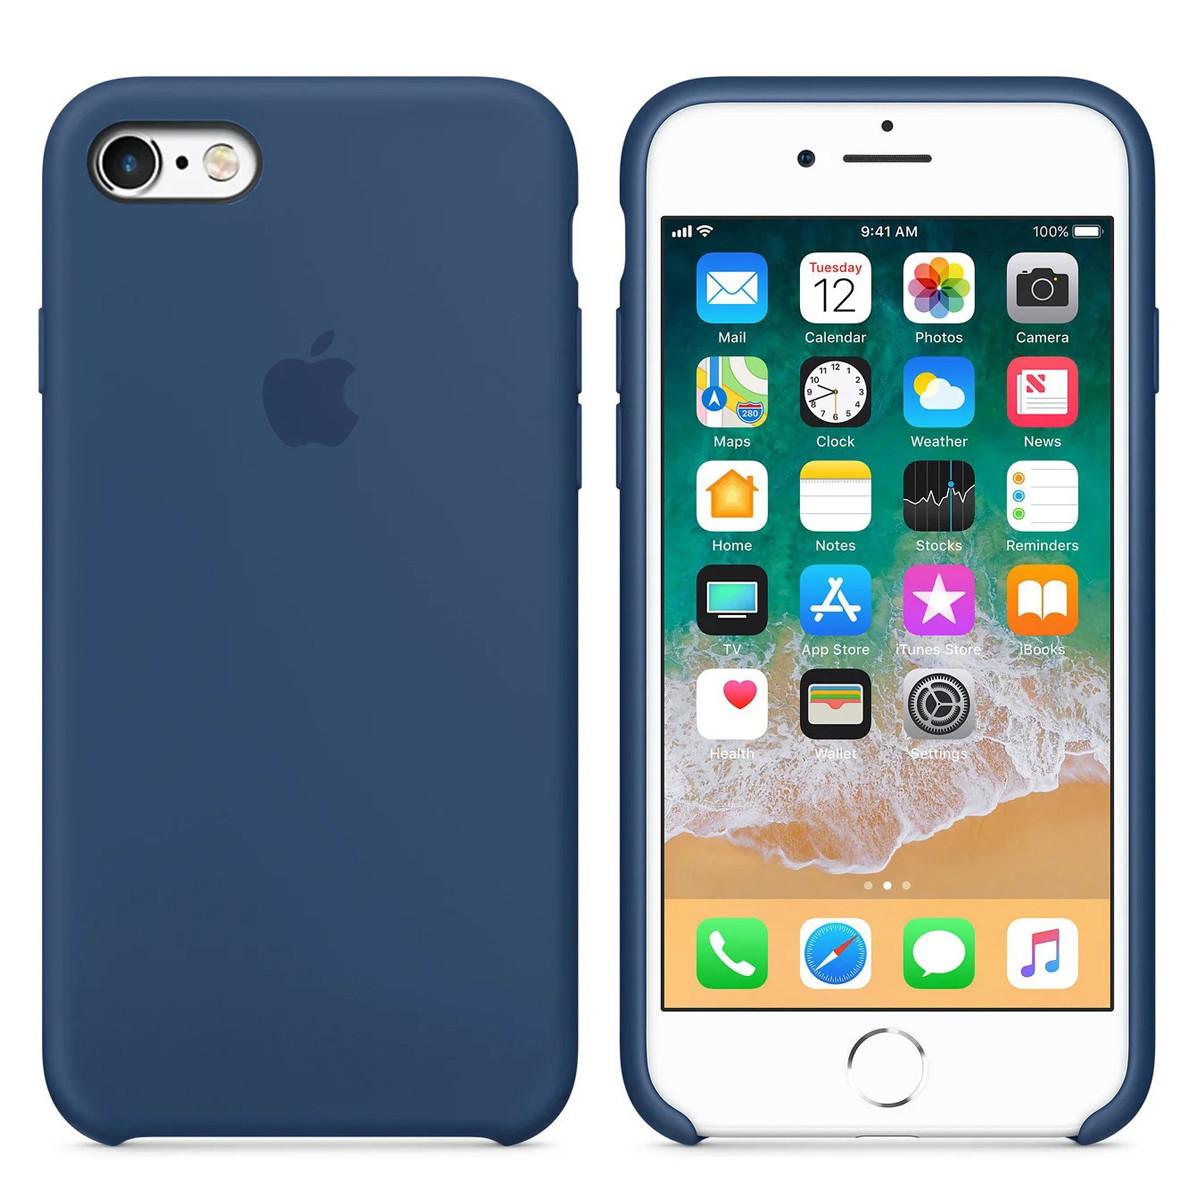 Силиконовый чехол для Apple iPhone 6 Plus / 6S Plus Silicone case (Синий Кобальт)